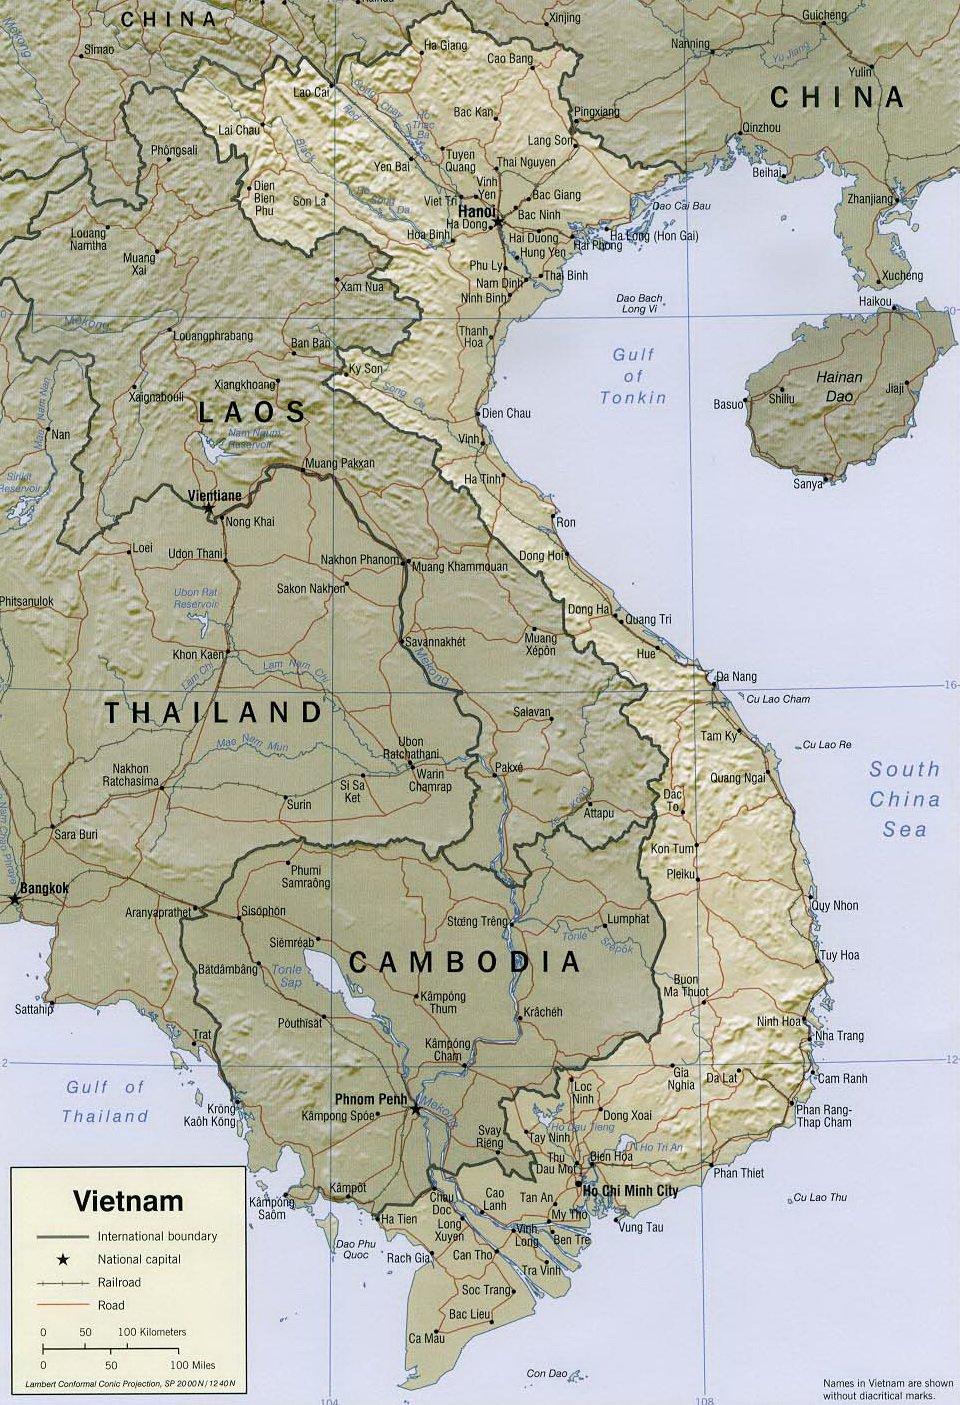 Географическая карта Вьетнама